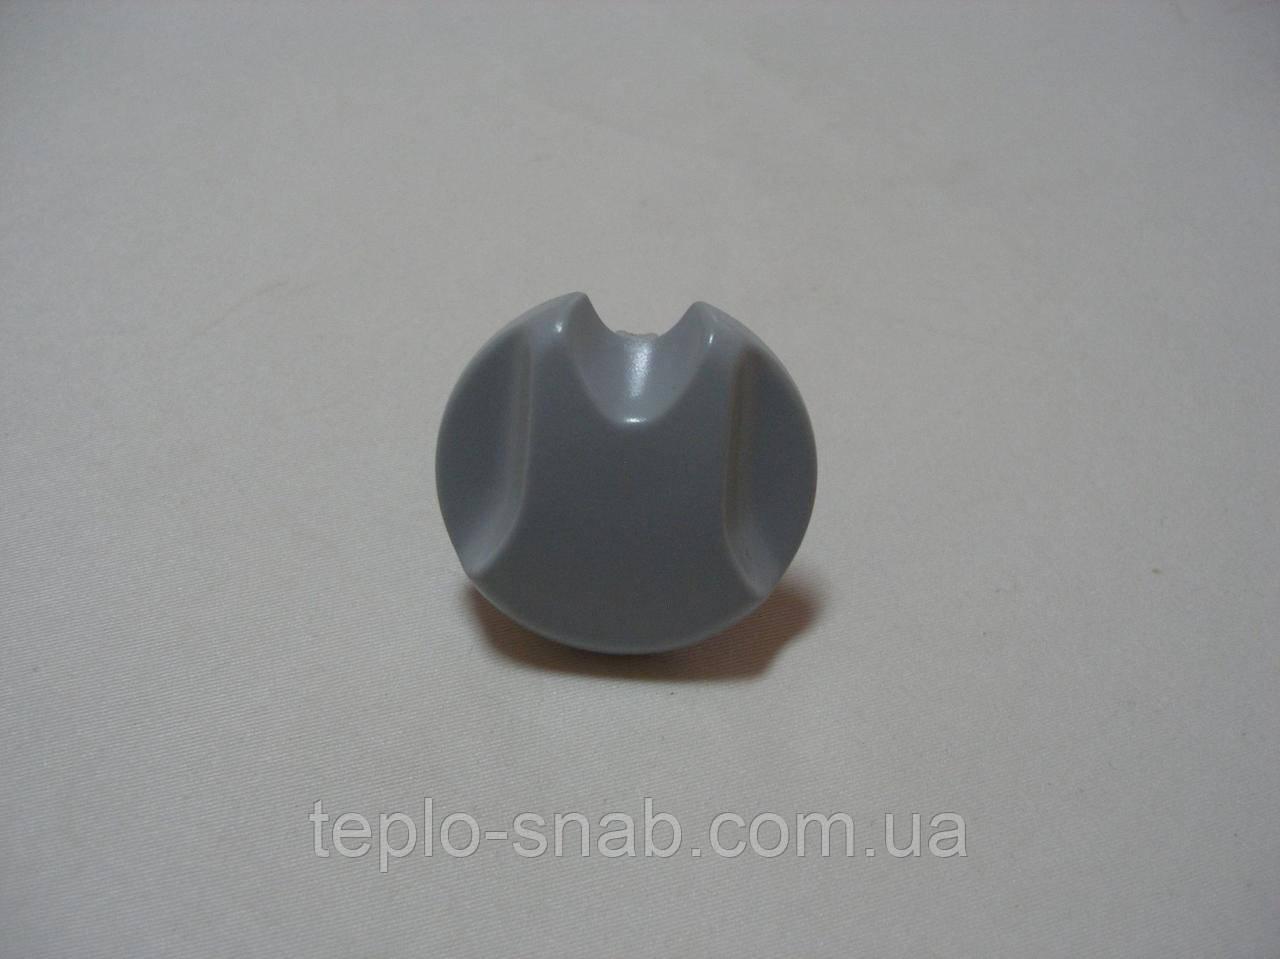 Ручка регулювання температури газового котла Beretta Ciao 24 CSI / Ciao J 24 CAI 20023926